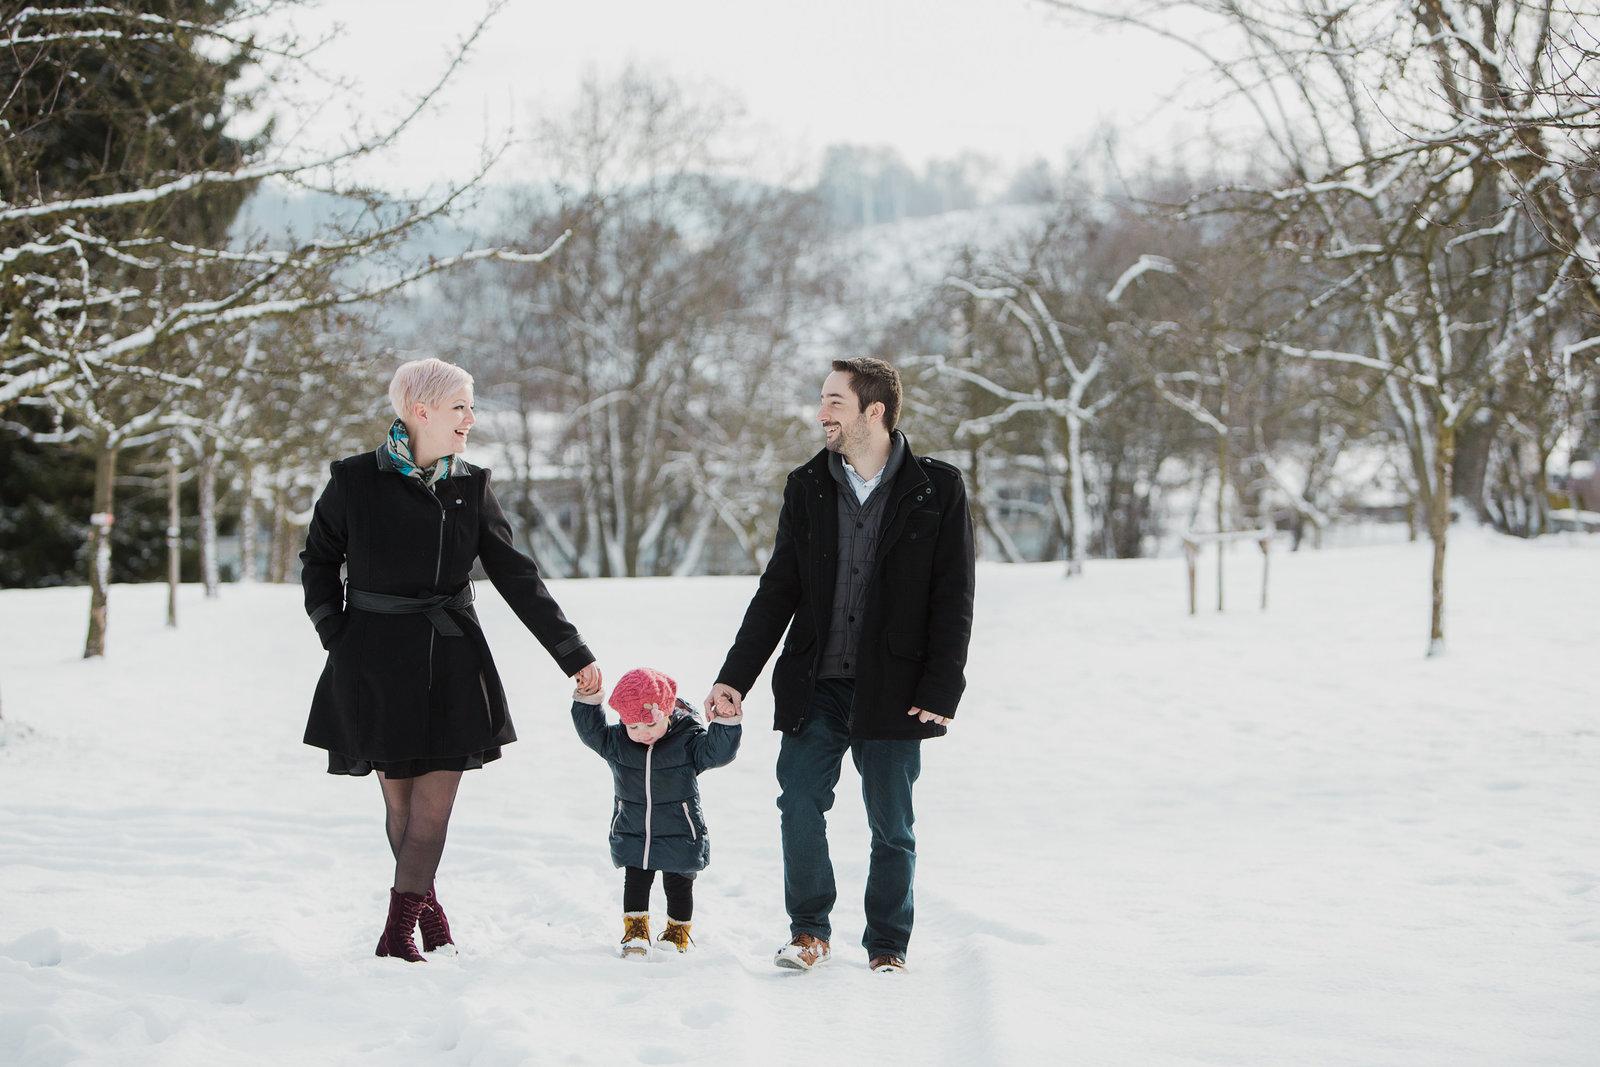 Familienfotos, Familienbilder, Familienfotoshooting, Bern